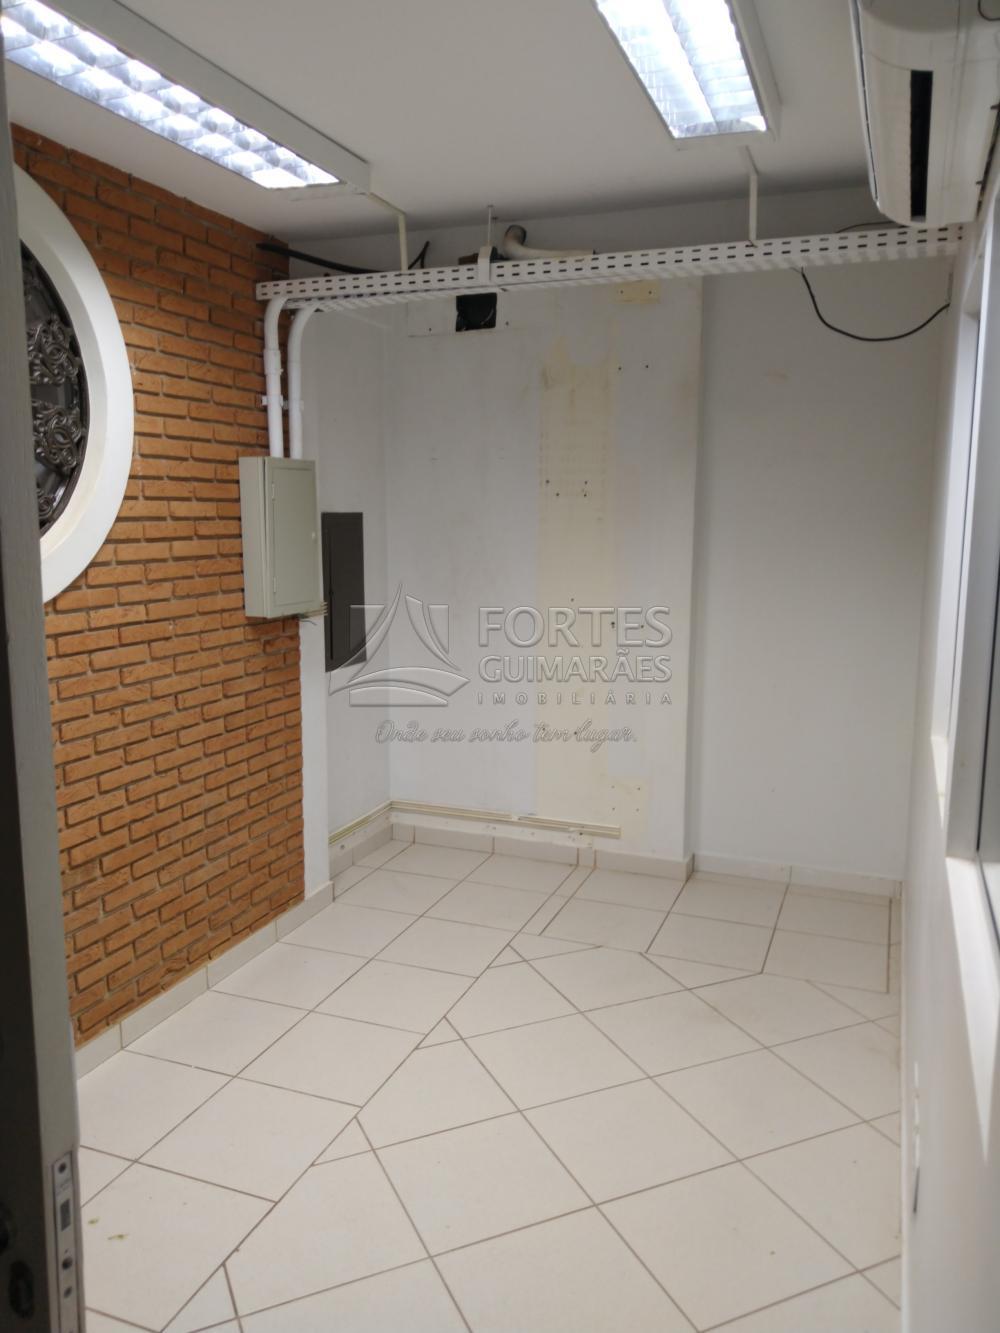 Alugar Comercial / Imóvel Comercial em Ribeirão Preto apenas R$ 12.000,00 - Foto 92